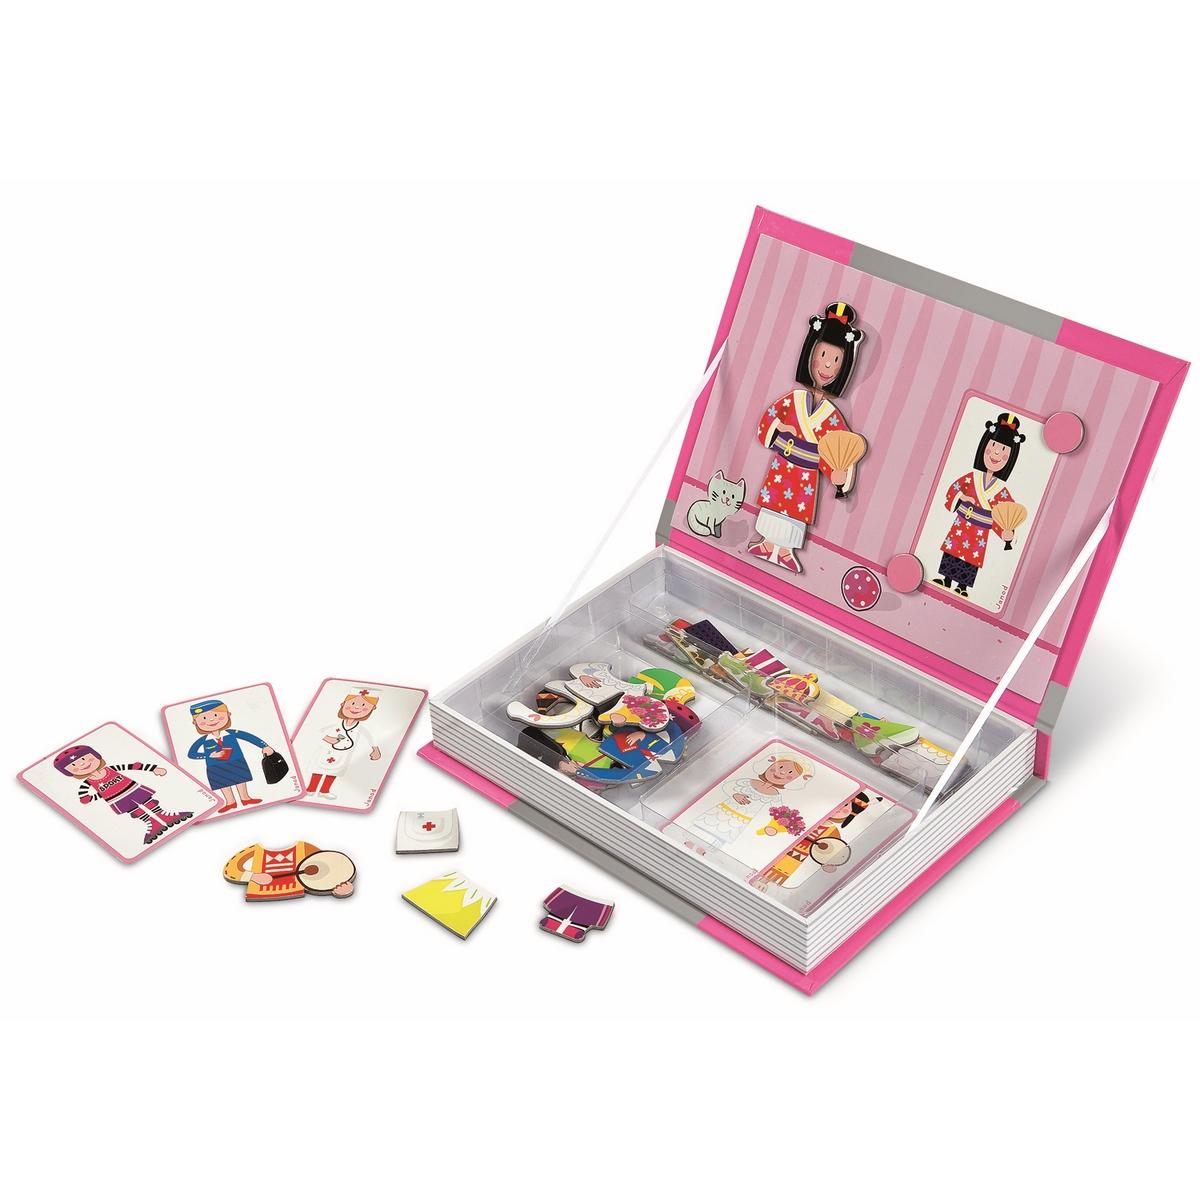 Janod Магнитная книга-игра Девочка в одеждахJ05546Внешне выглядит как толстая книга. Сделана из плотного толстого картона. Дизайн книги оформлен в соответствии с ее тематикой. Обложка книги открывается и с обратной стороны большая игровая картинка; внутри пространство, в котором по ячейкам лежат карточки с игровыми элементами. Карточки зрительно подсказывают ребенку, что нужно сделать. Находим нужный элемент и крепим его на картинку. Элементы игры - магнитные. Обложка книги самопроизвольно открыться не может, так как примагничивается к основному корпусу книги. Поэтому после игры все аккуратно остается внутри книги и можно убрать на полку. Рекомендуемый возраст от 3 до 8 лет.